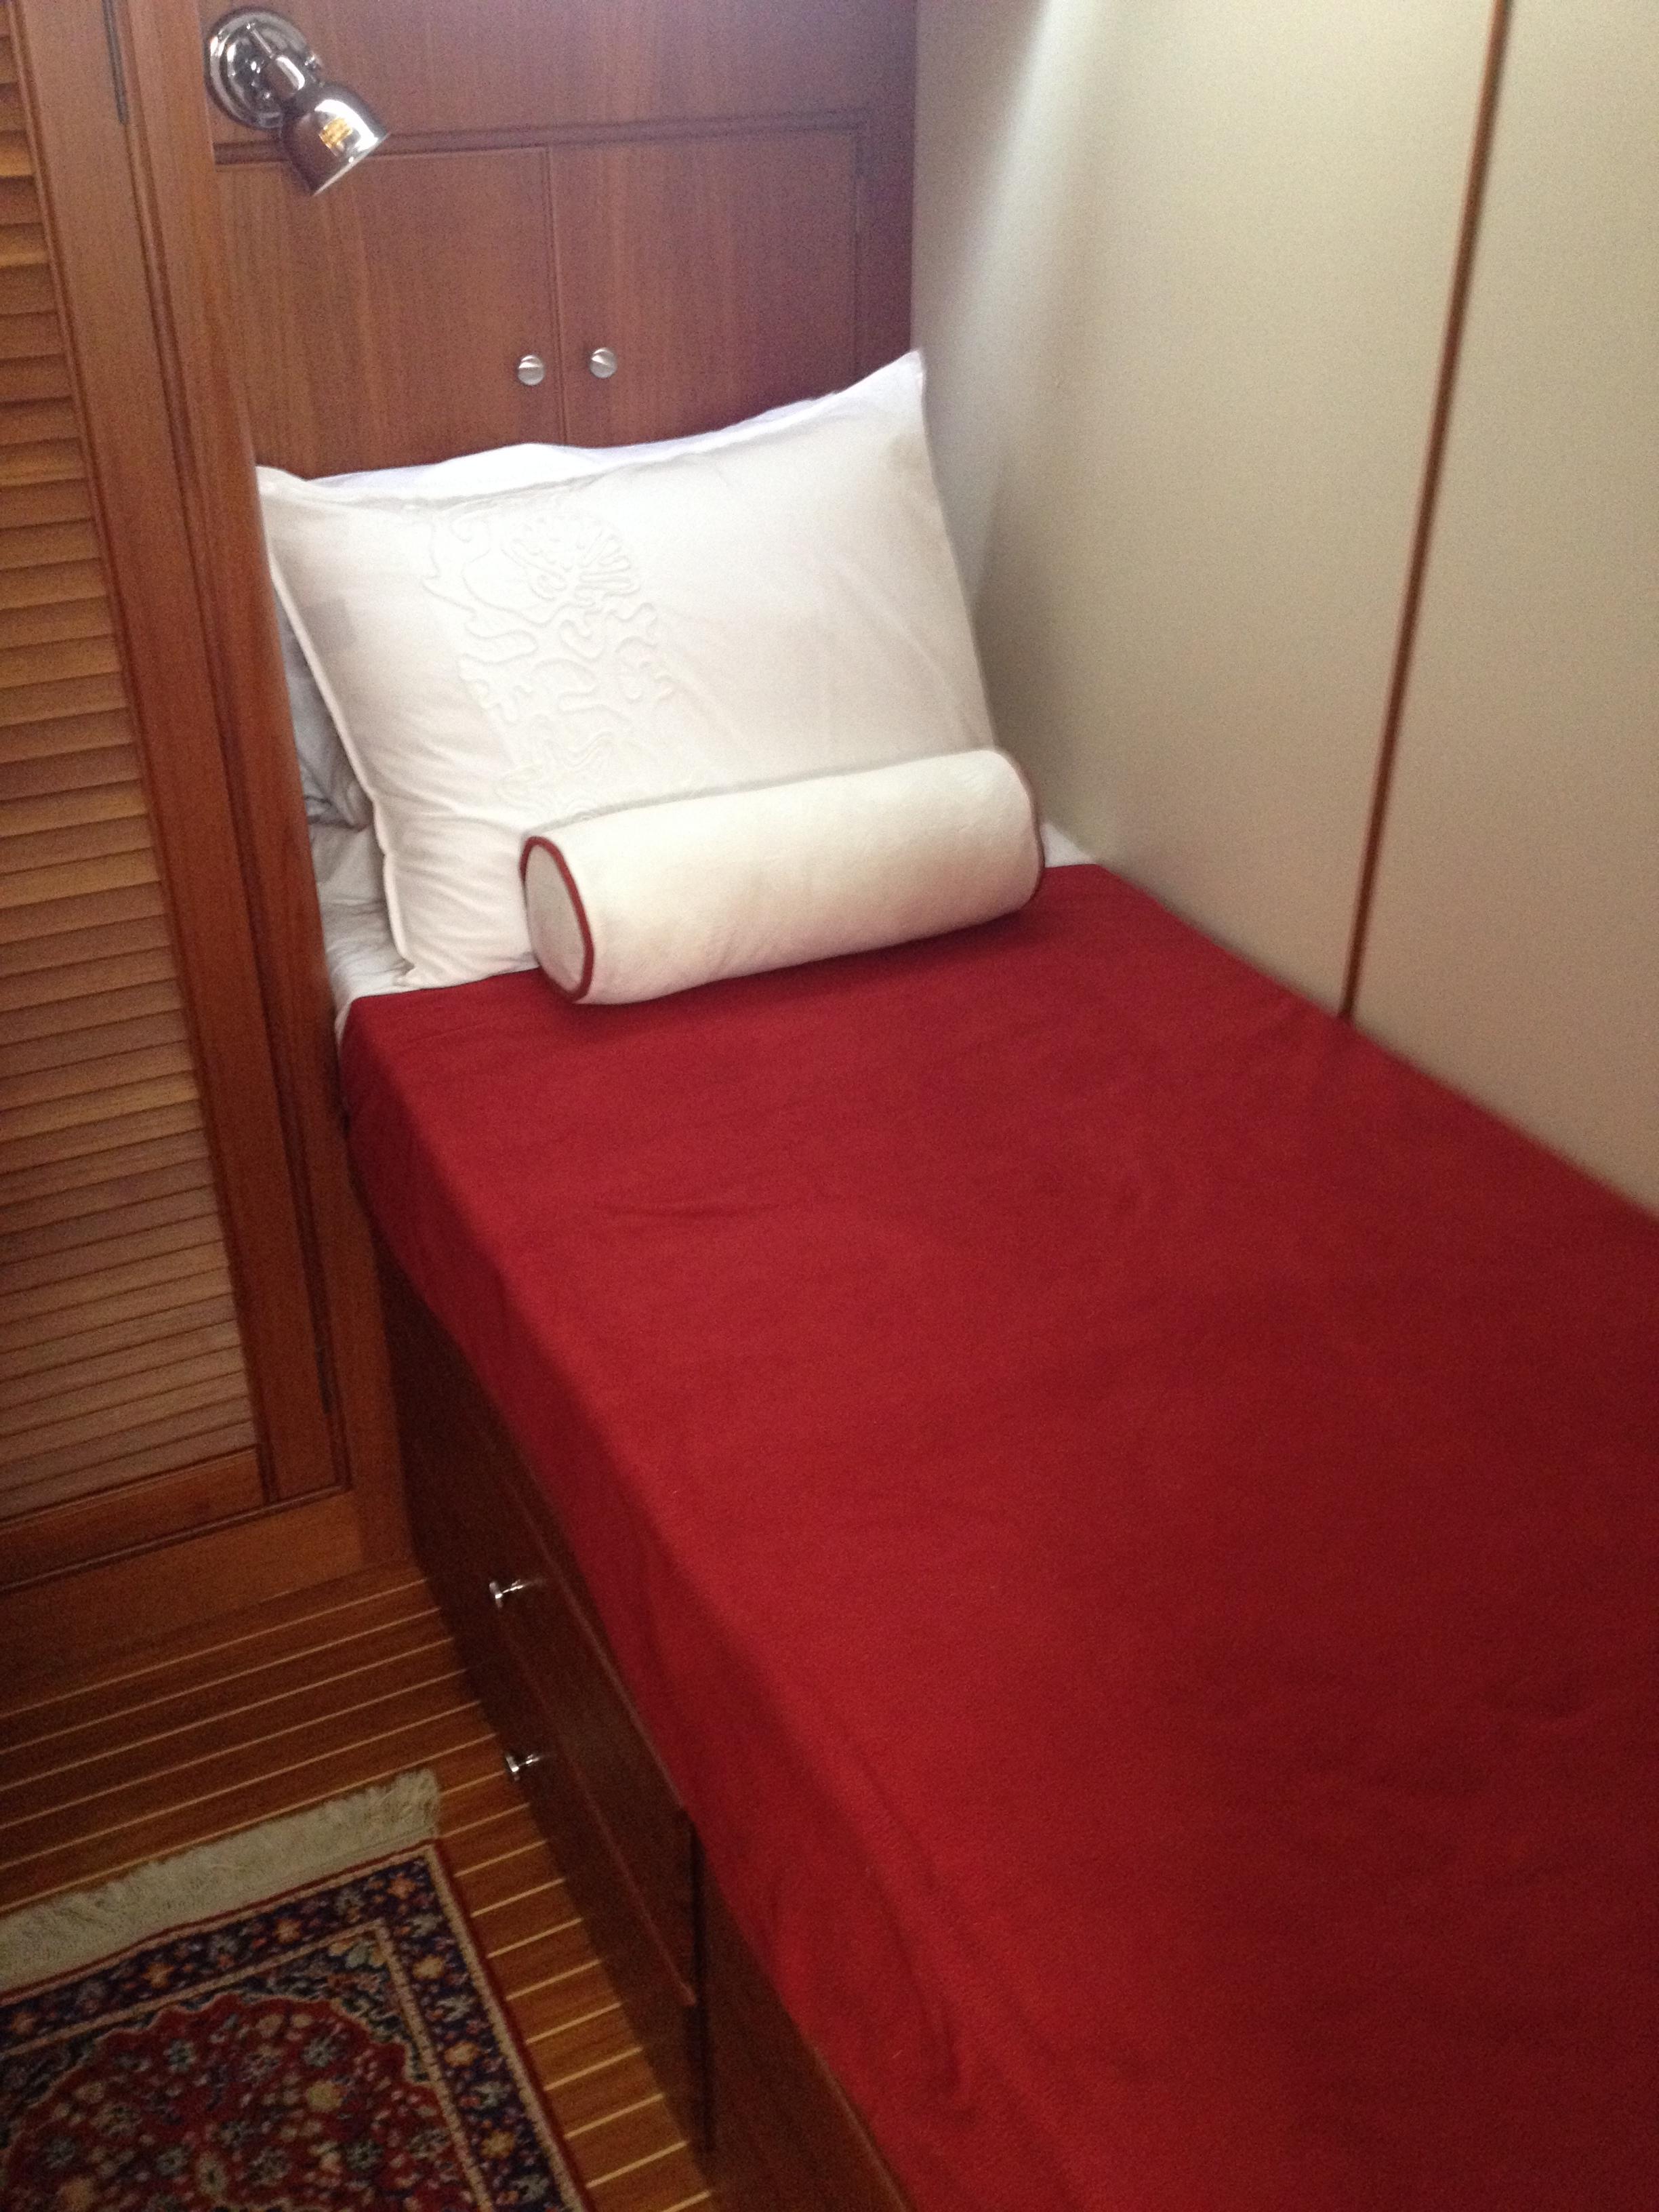 Boat Bedding by Maloney Interiors Rhode Island.jpg